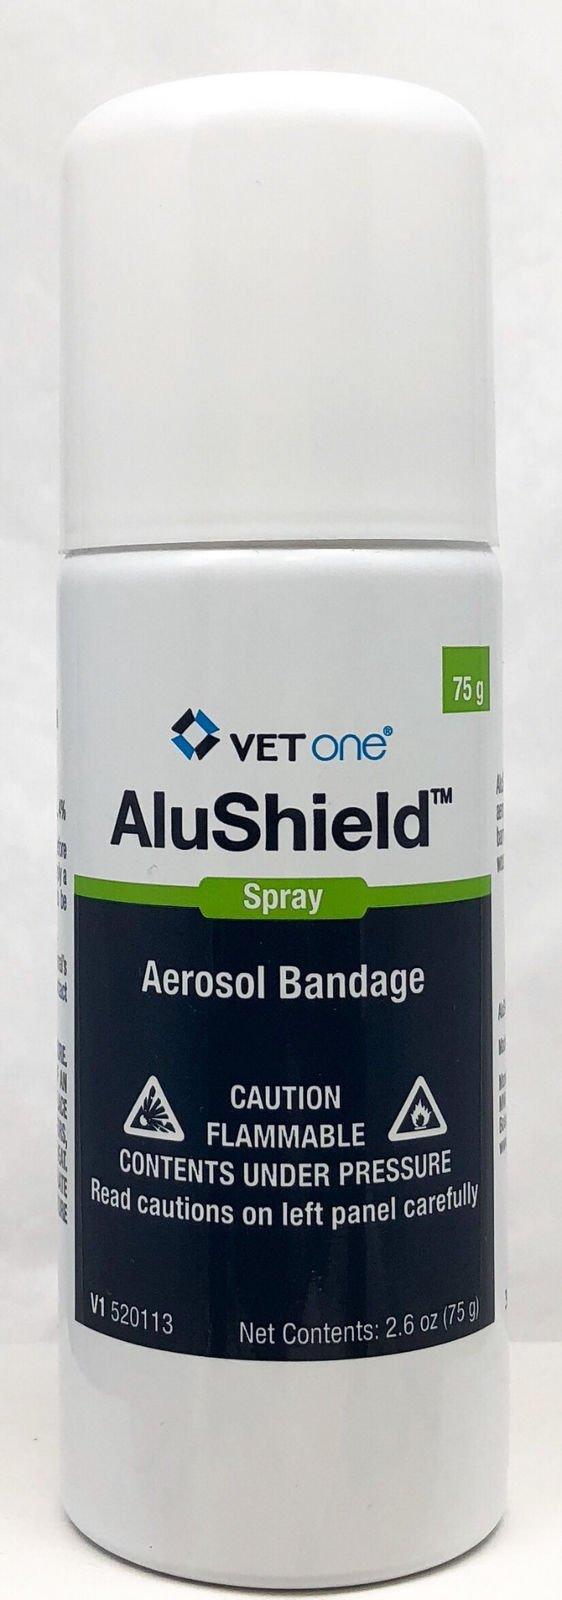 Vetone AluSpray Aerosol Bandage Aids 2.6oz